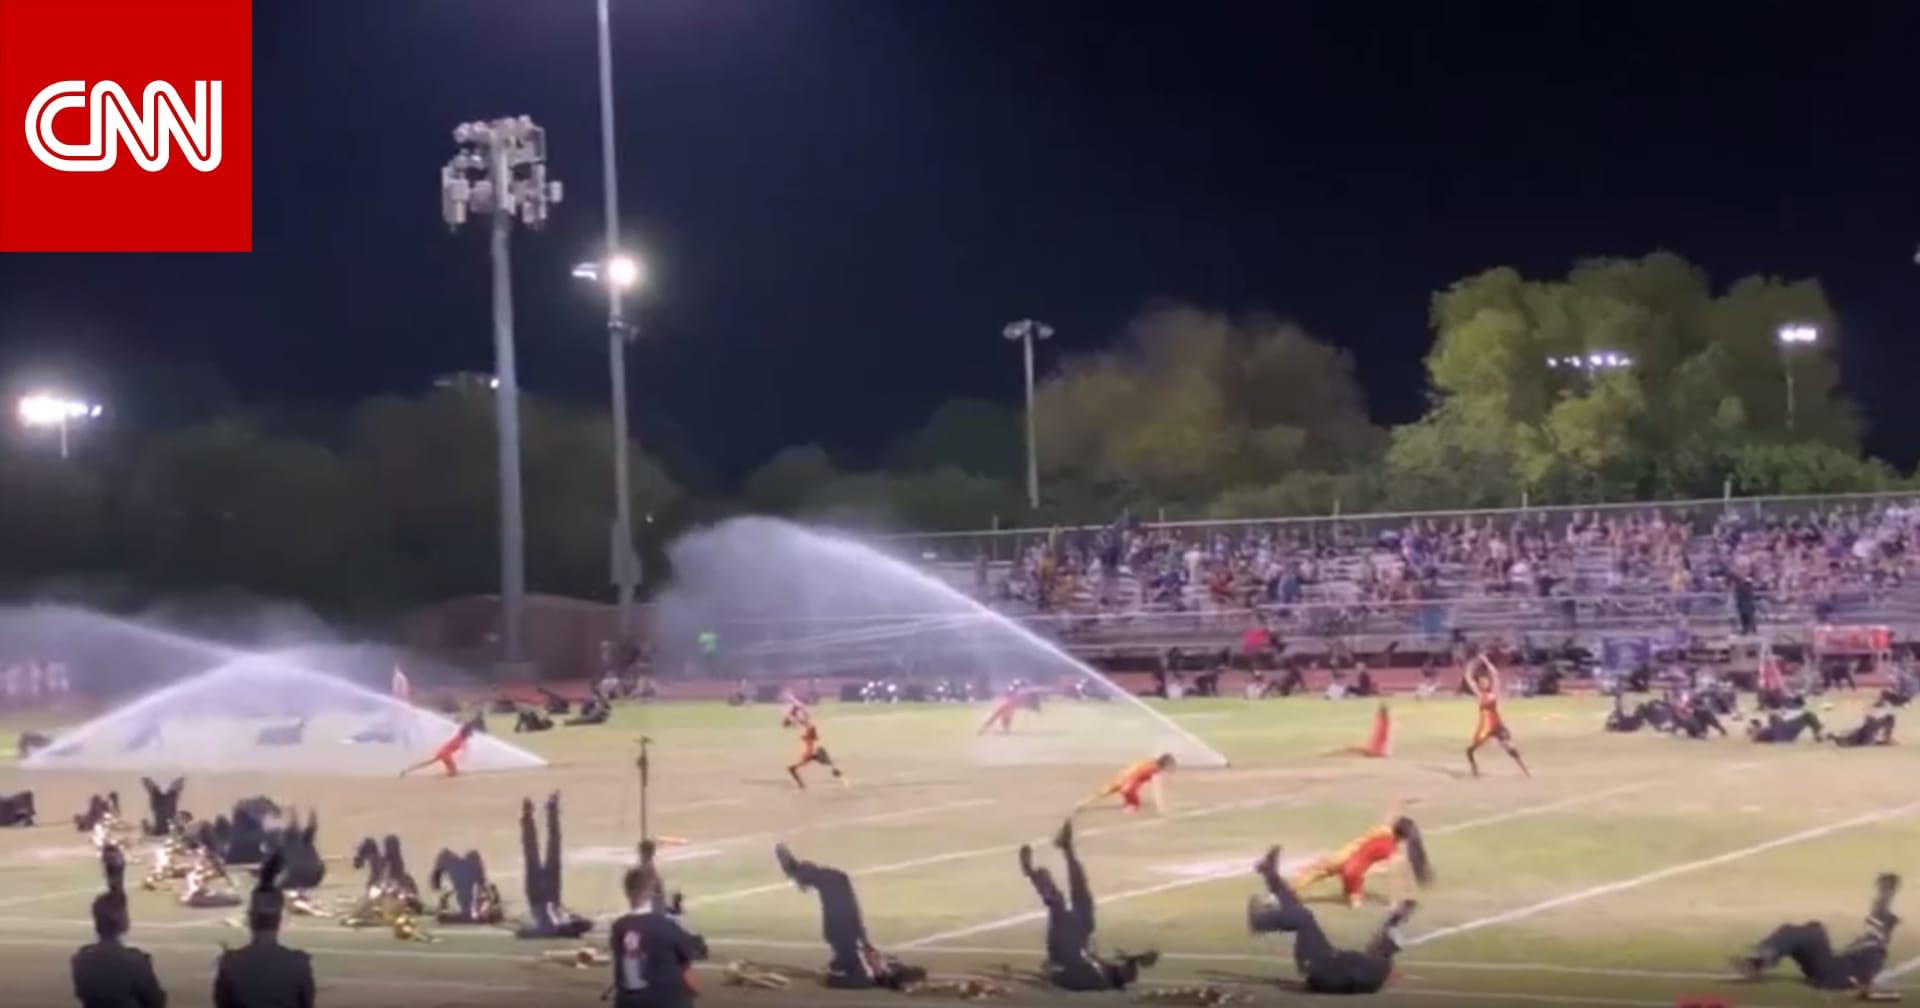 شاهد.. رشاشات مياه تقاطع فجأة عرضاً راقصاً بمدرسة أمريكية